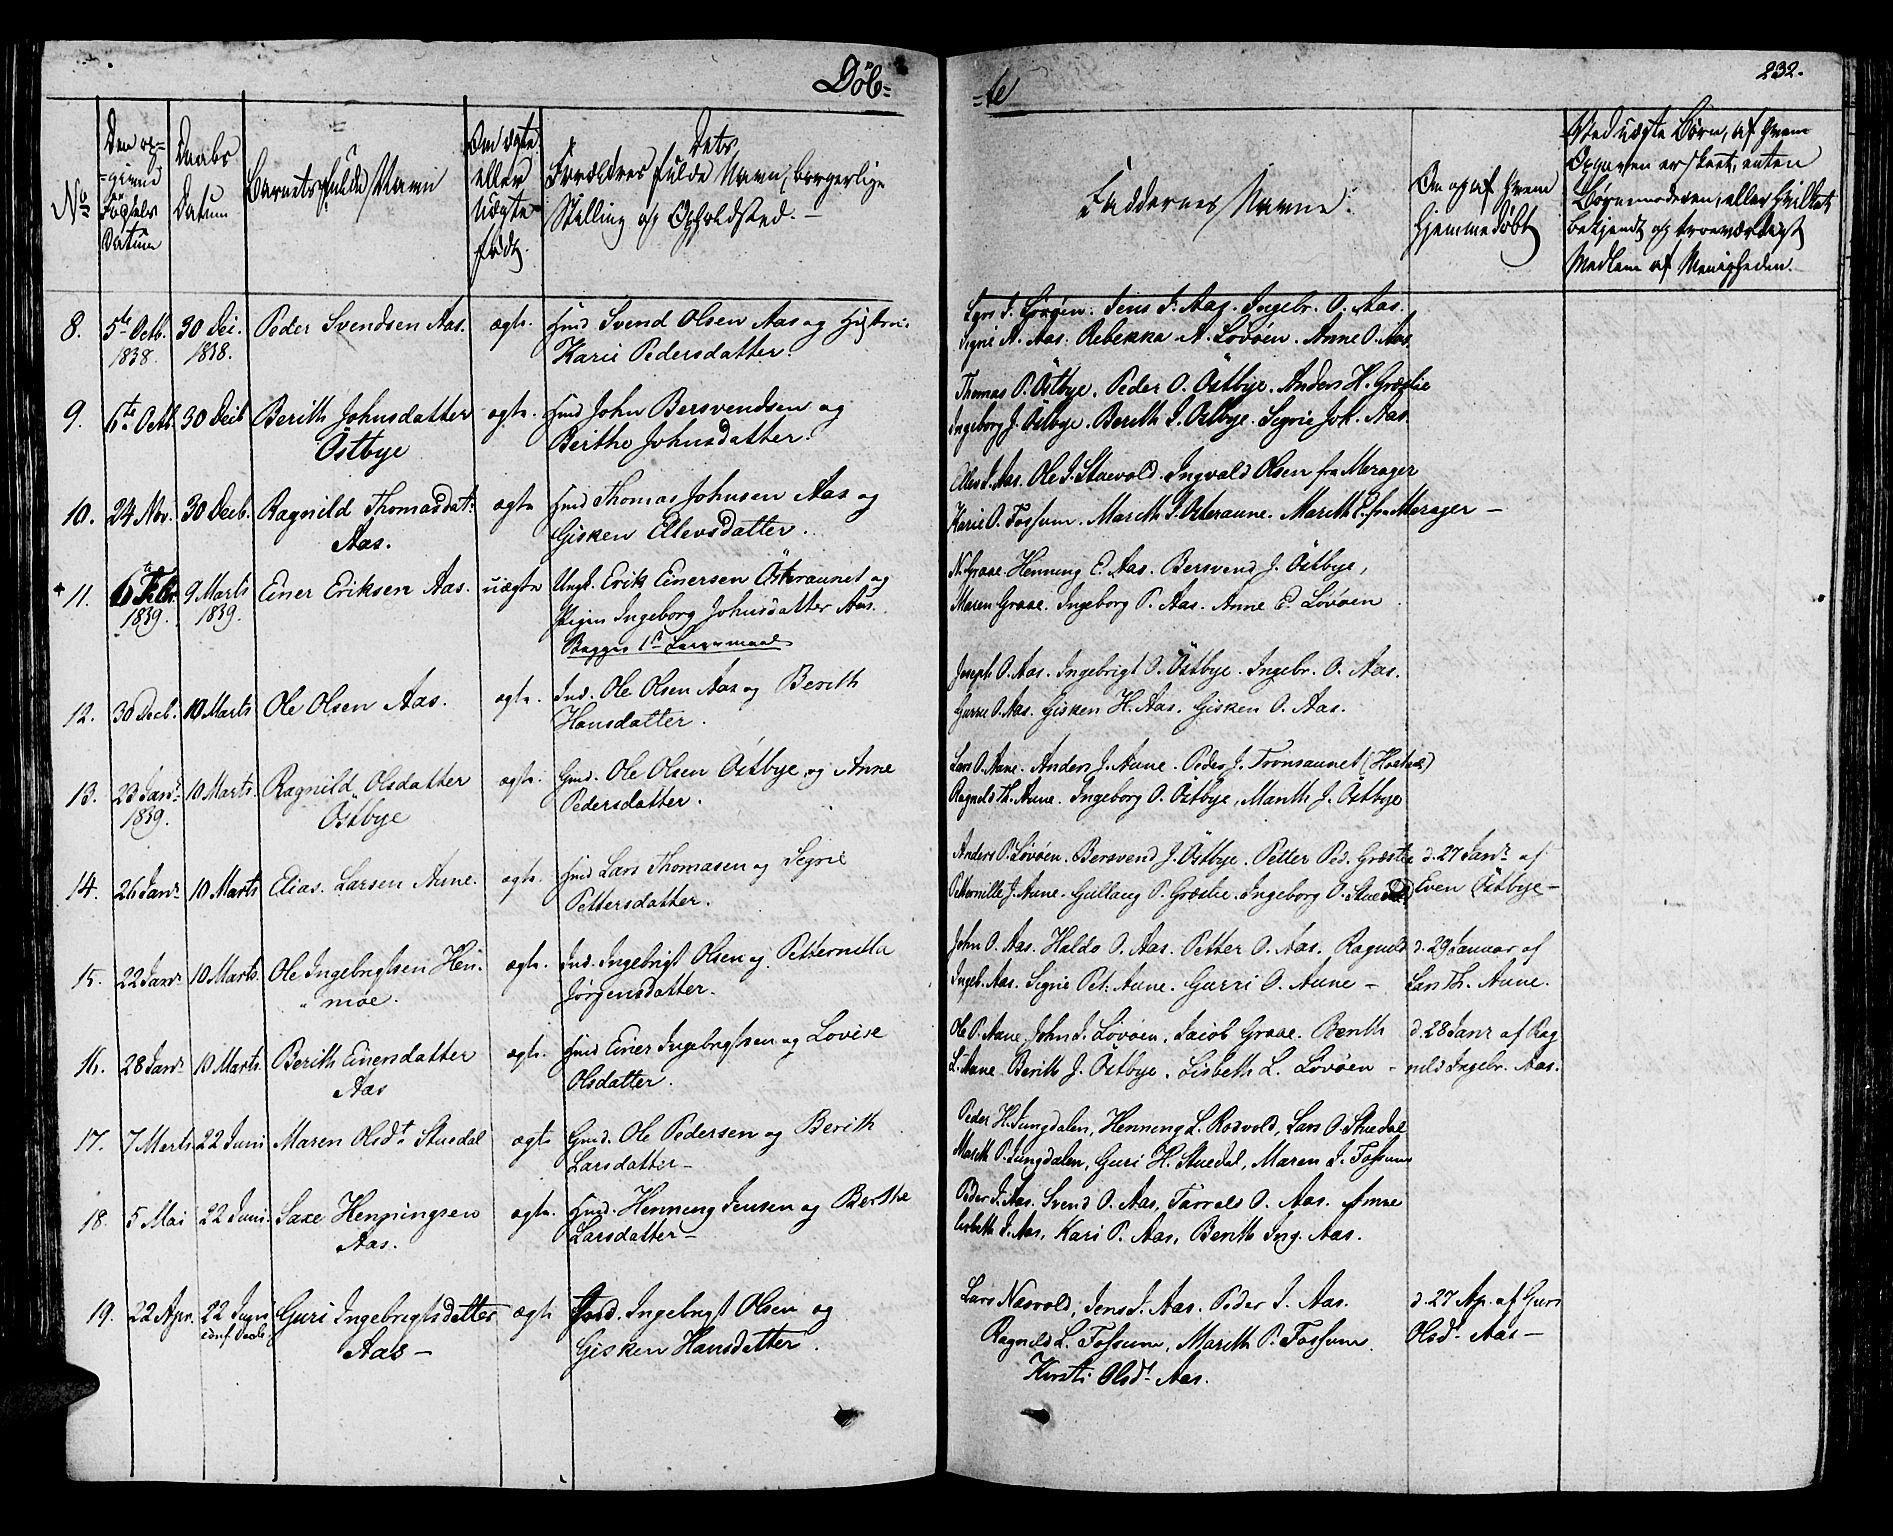 SAT, Ministerialprotokoller, klokkerbøker og fødselsregistre - Sør-Trøndelag, 695/L1144: Ministerialbok nr. 695A05 /2, 1824-1842, s. 232